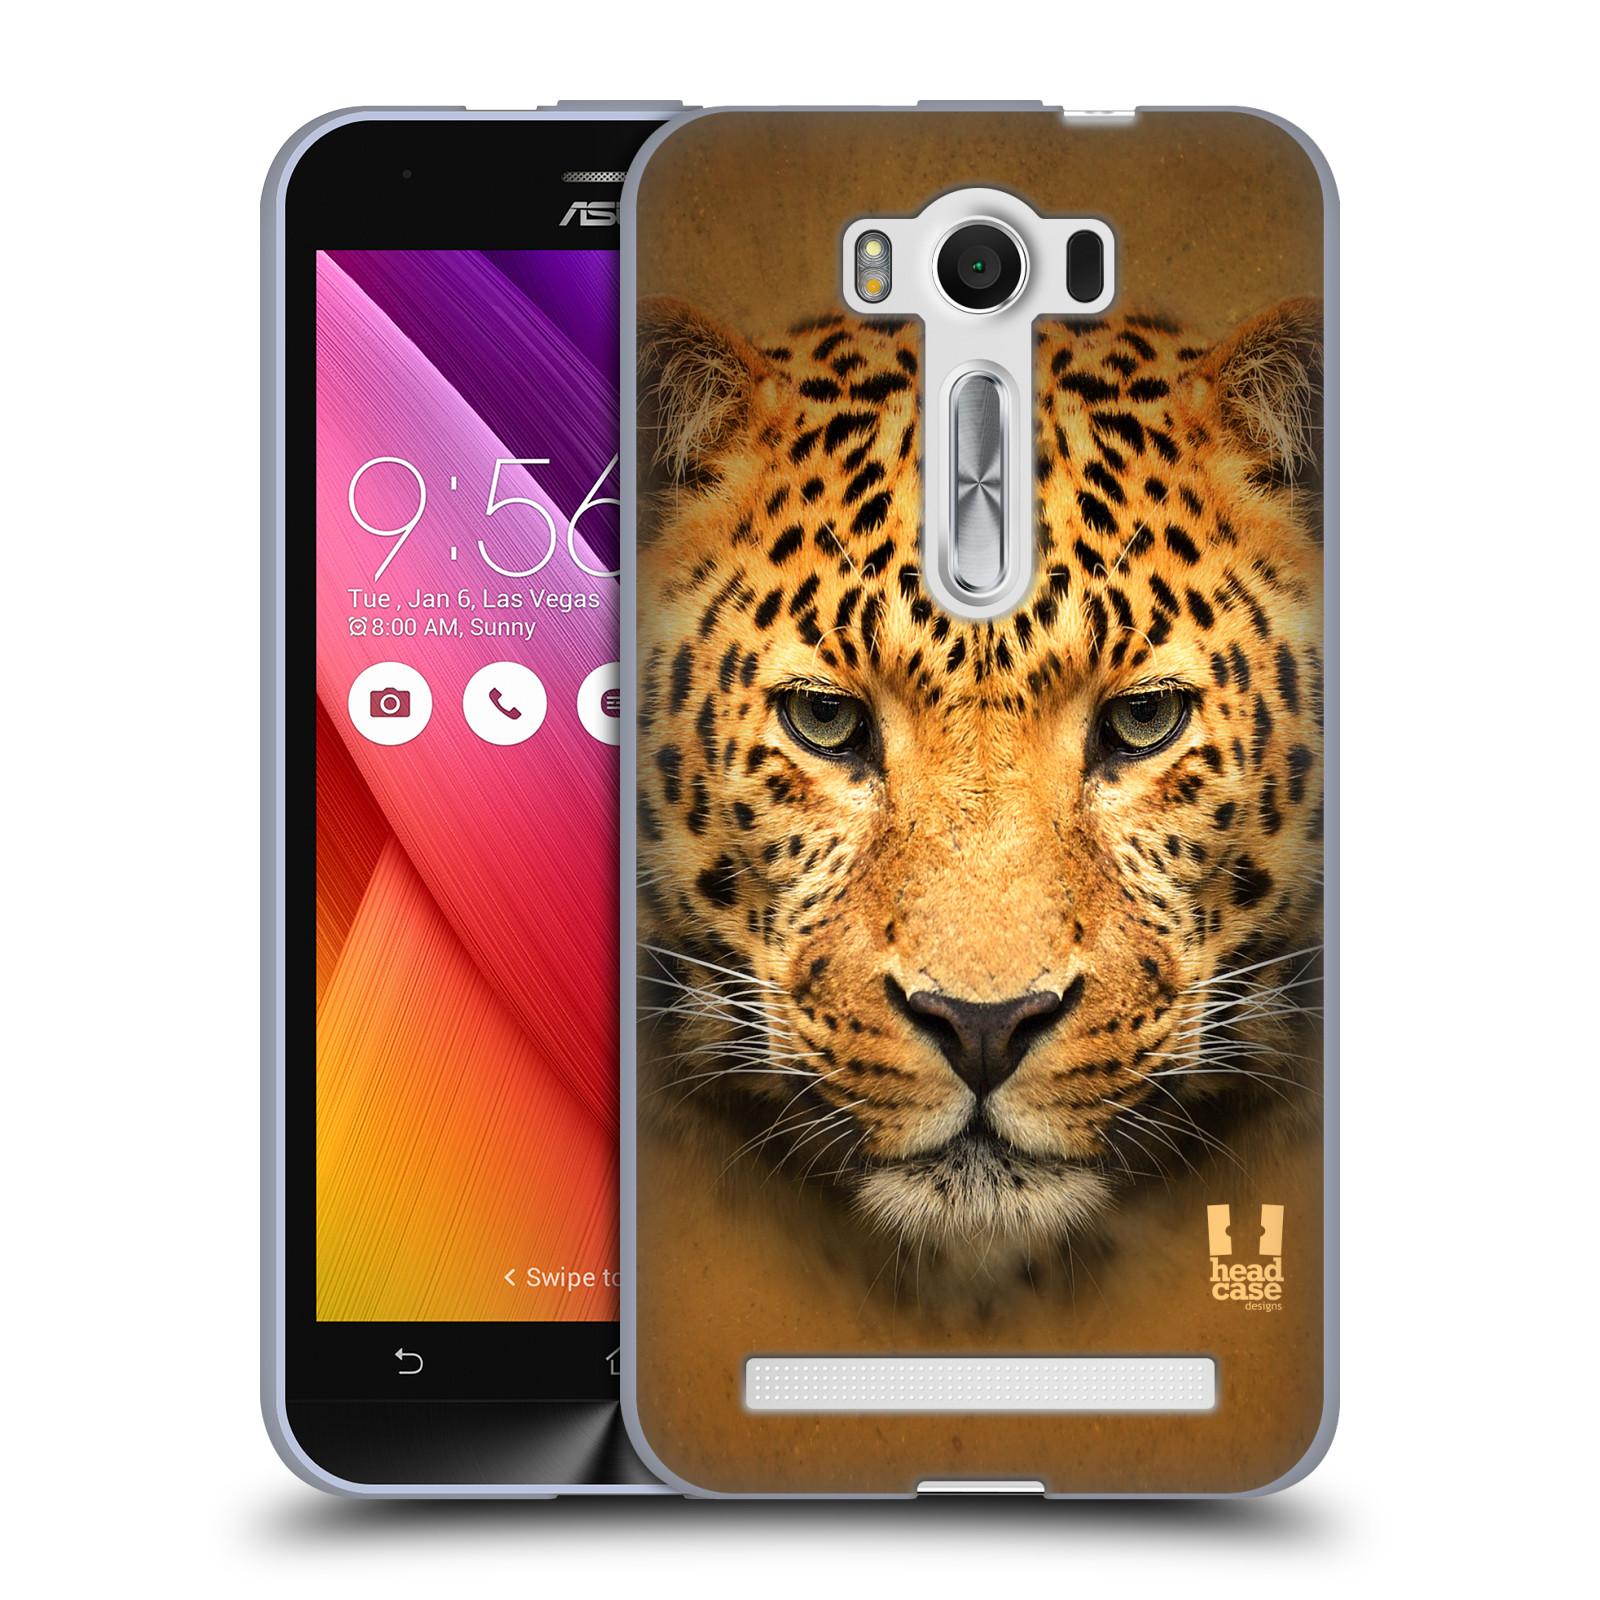 """HEAD CASE silikonový obal na mobil Asus Zenfone 2 LASER (ZE500KL s 5"""" displejem) vzor Zvířecí tváře 2 leopard"""